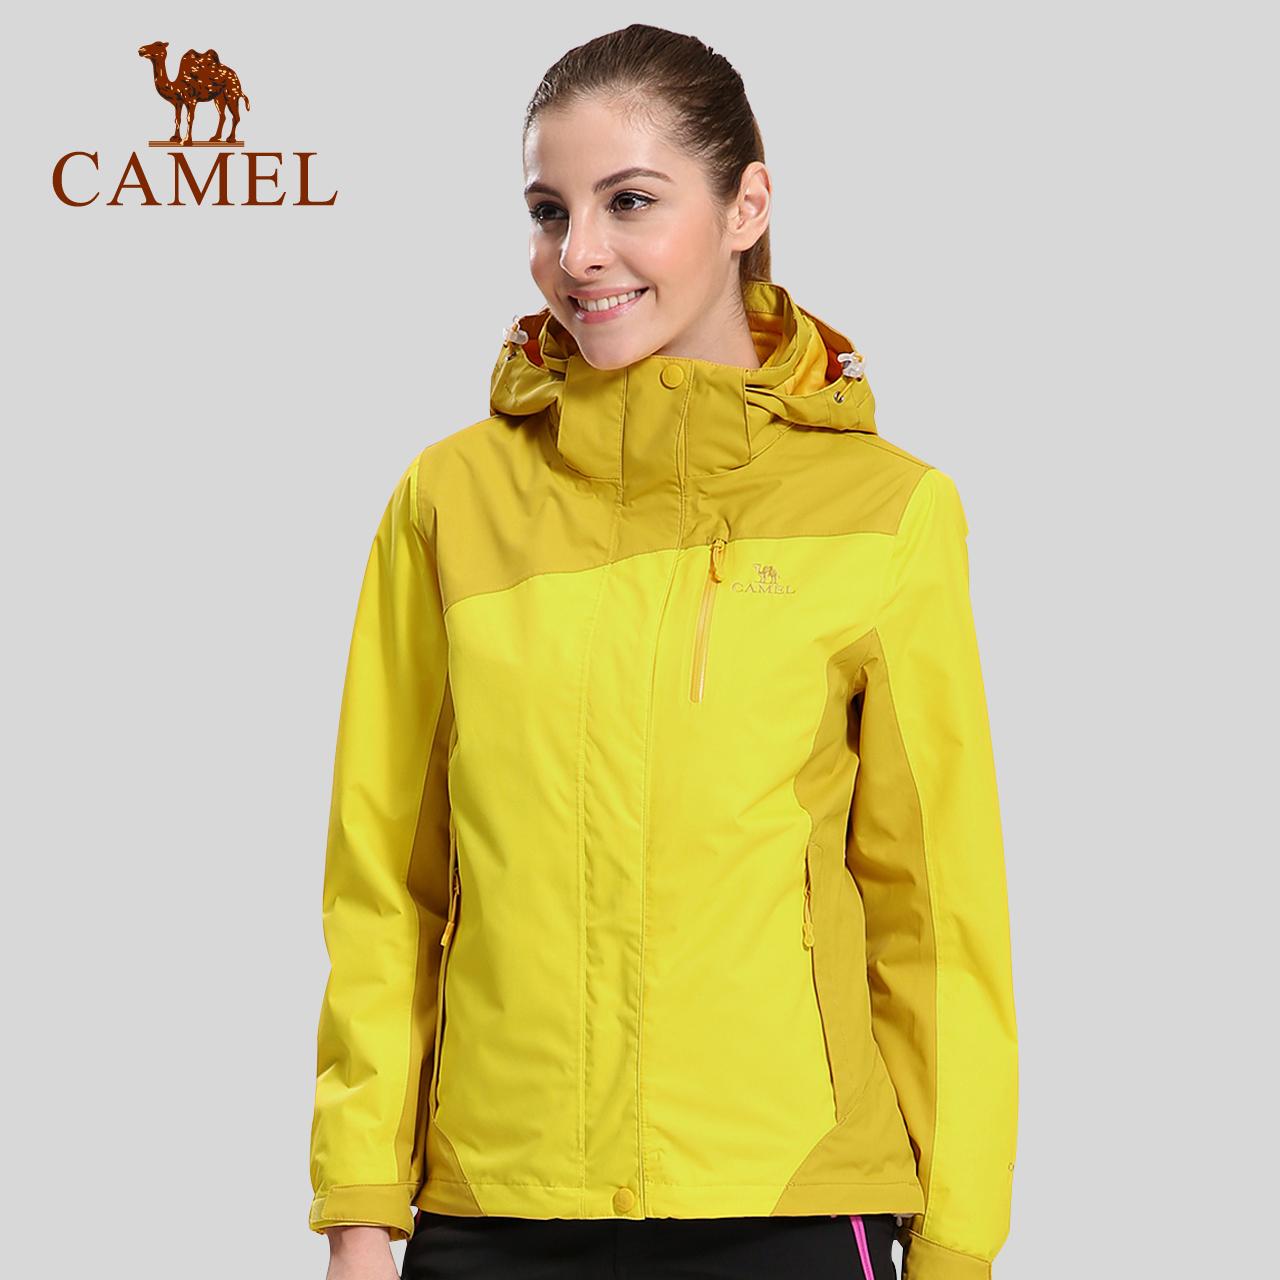 骆驼户外冲锋衣女 秋冬摇粒绒抓绒保暖防风三合一两件套登山服装